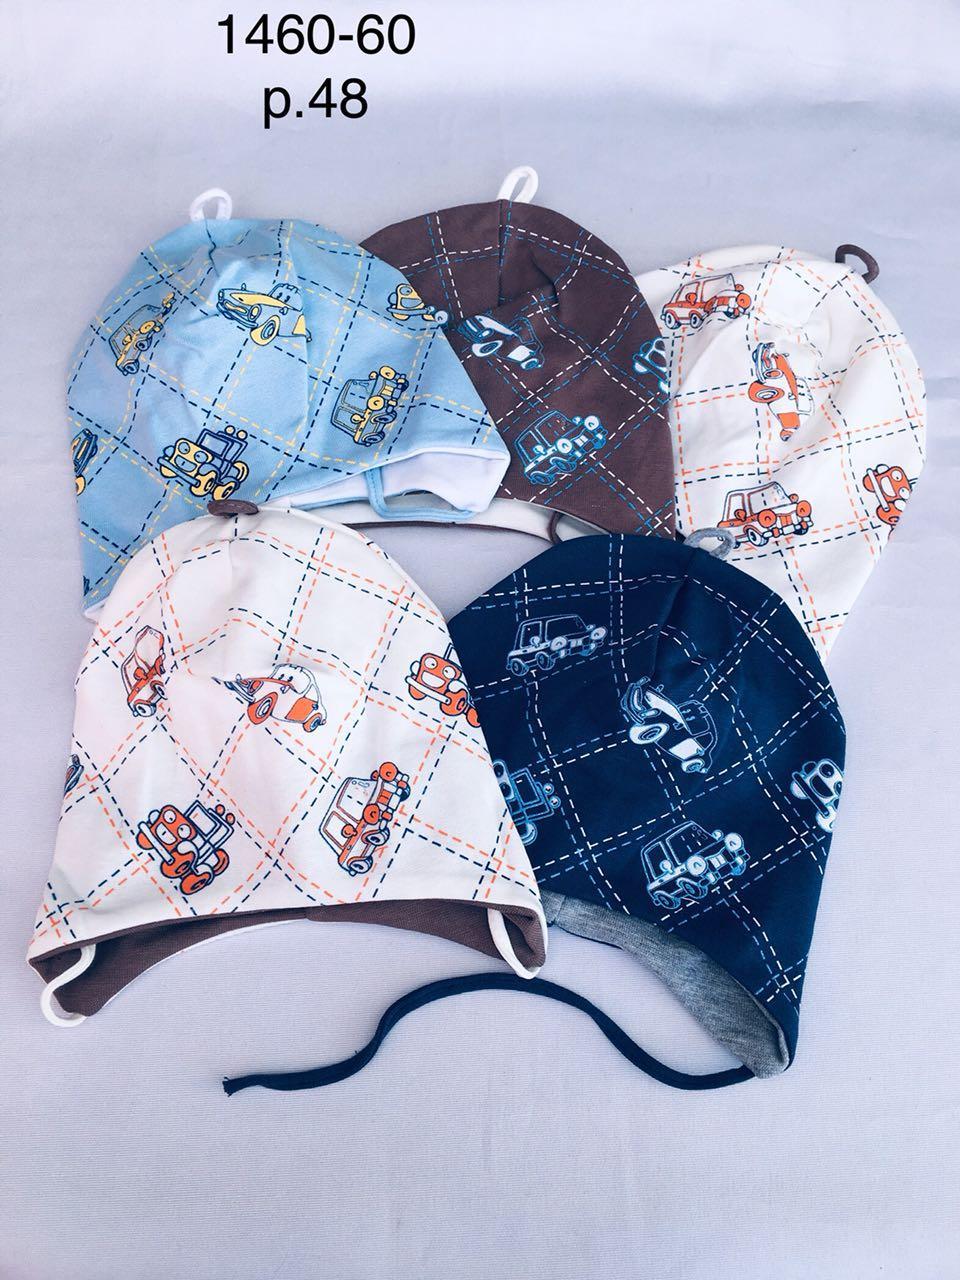 Детская шапка оптом оптом для мальчика р.48 Польша